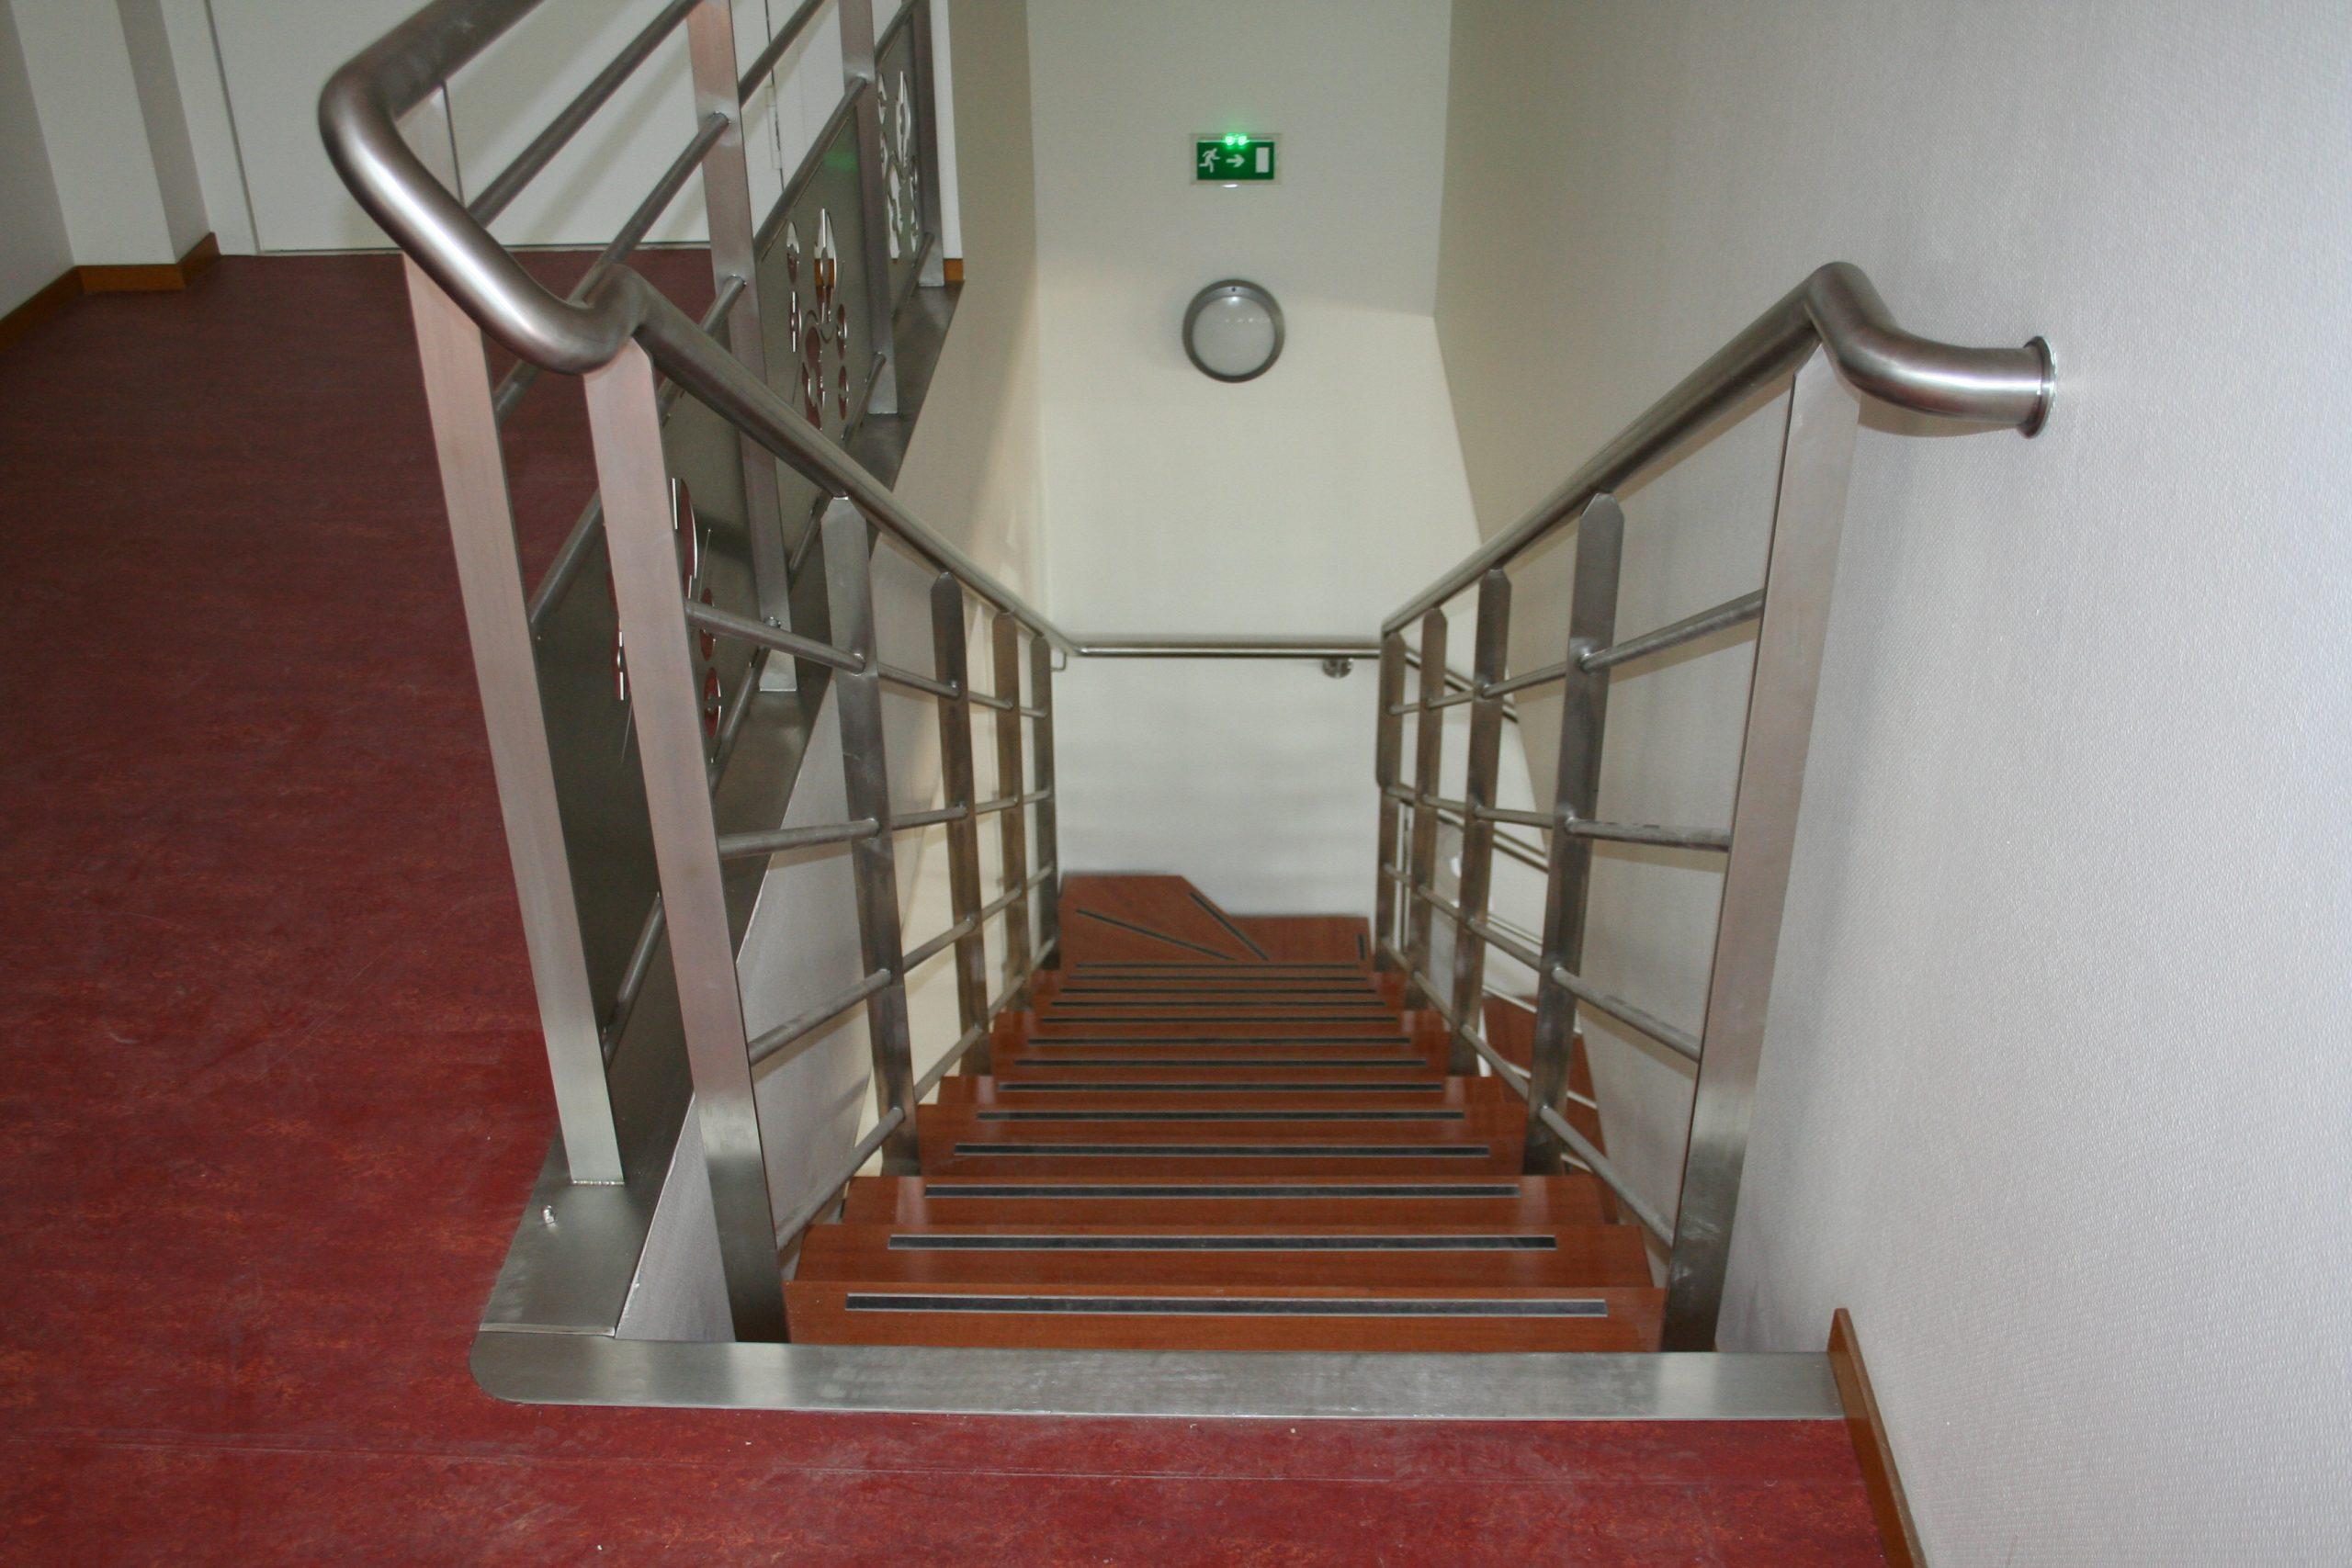 Escalier droit inox et bois